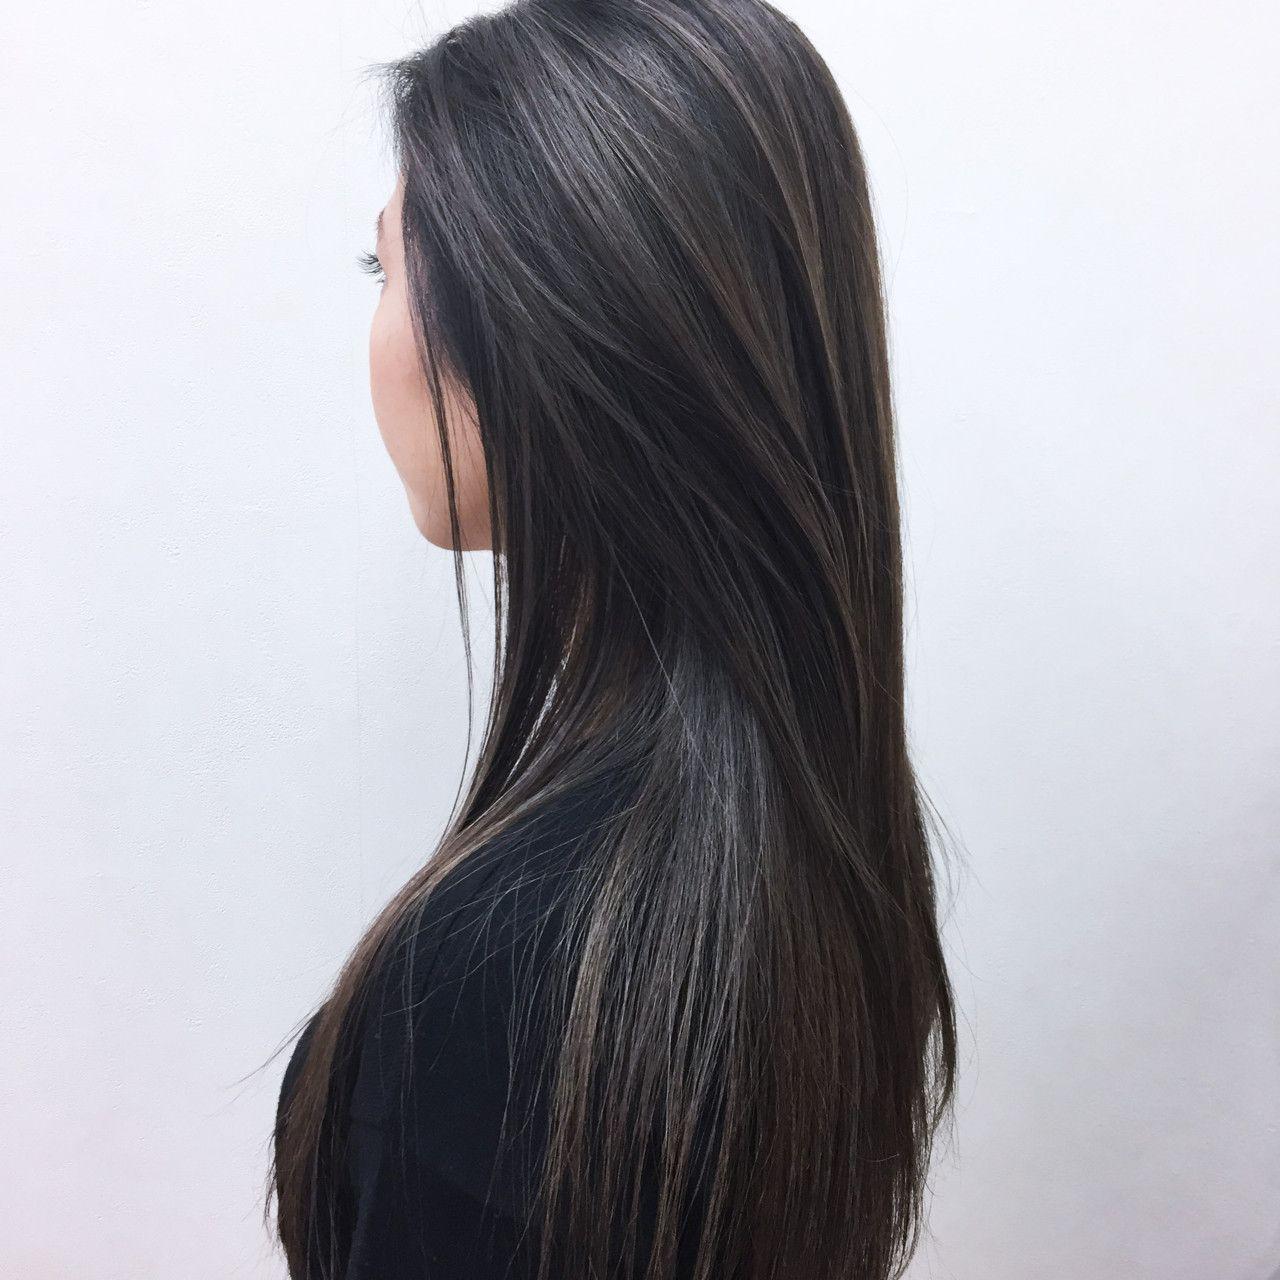 メリハリのあるハイライト ローライト 黒髪ハイライト ハイライト